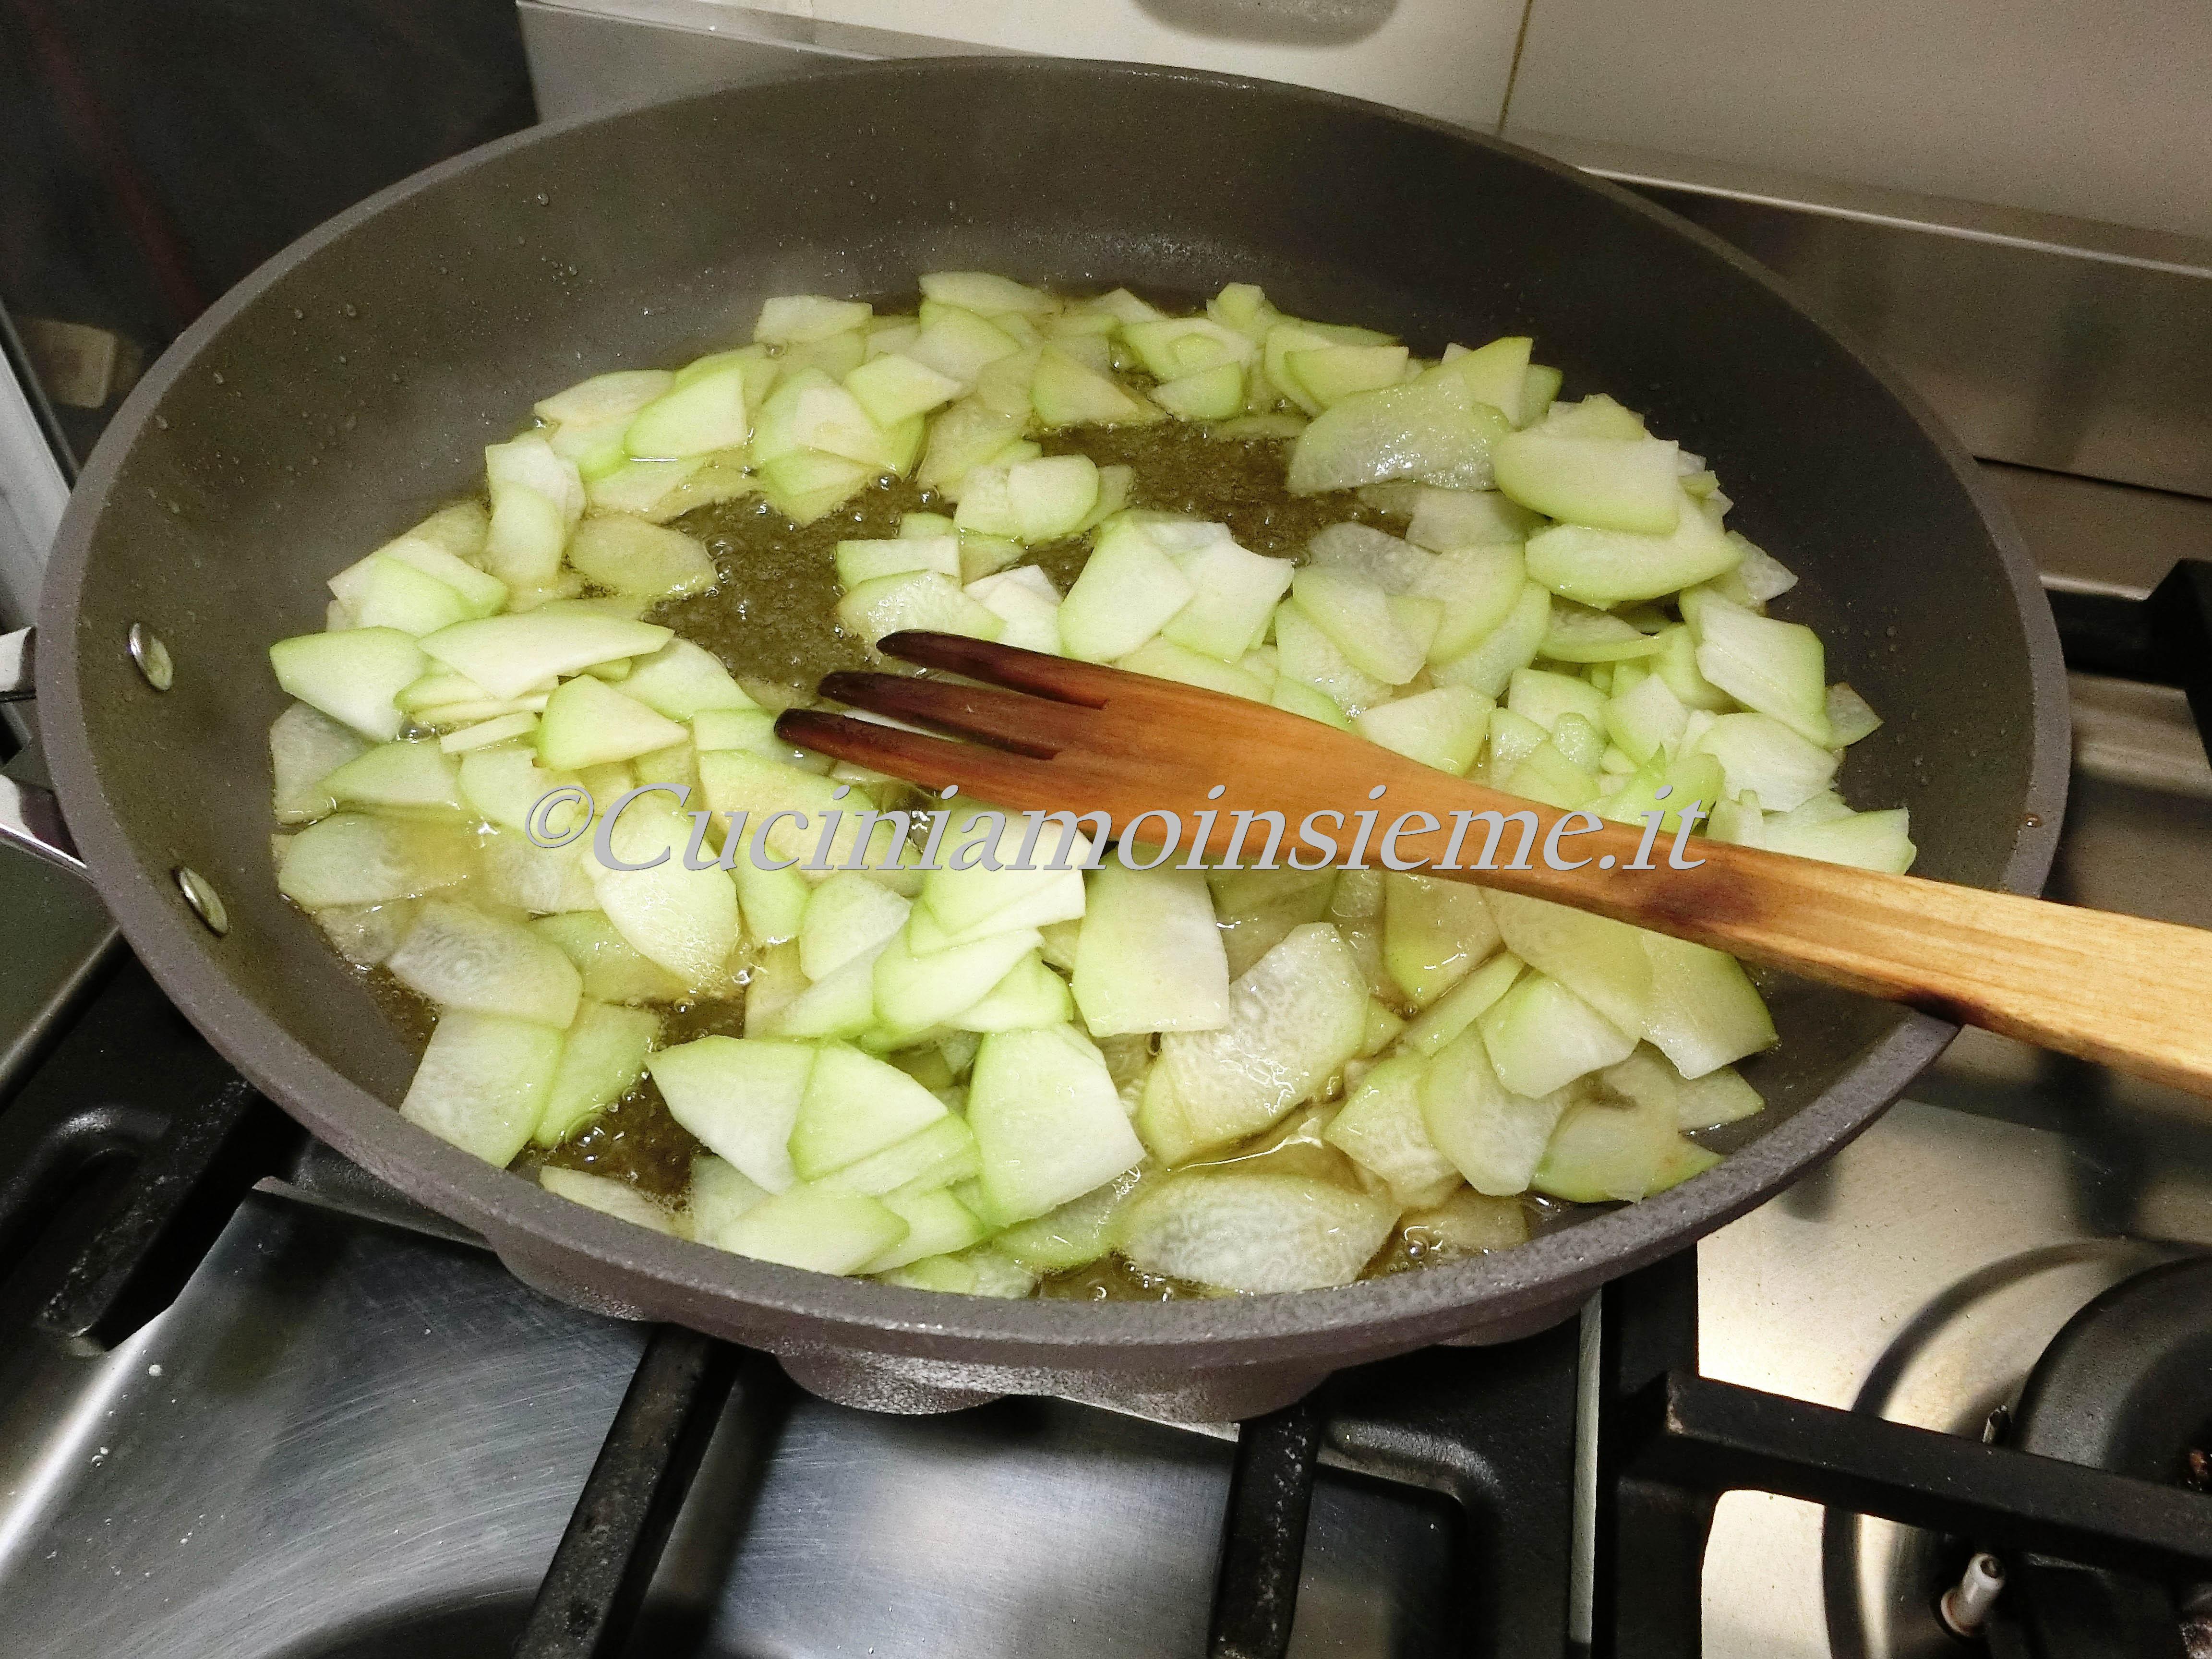 Ricetta Zucchine Spinose In Padella.Pasta Zucchine Spinose Guanciale E Crema Di Stracchino